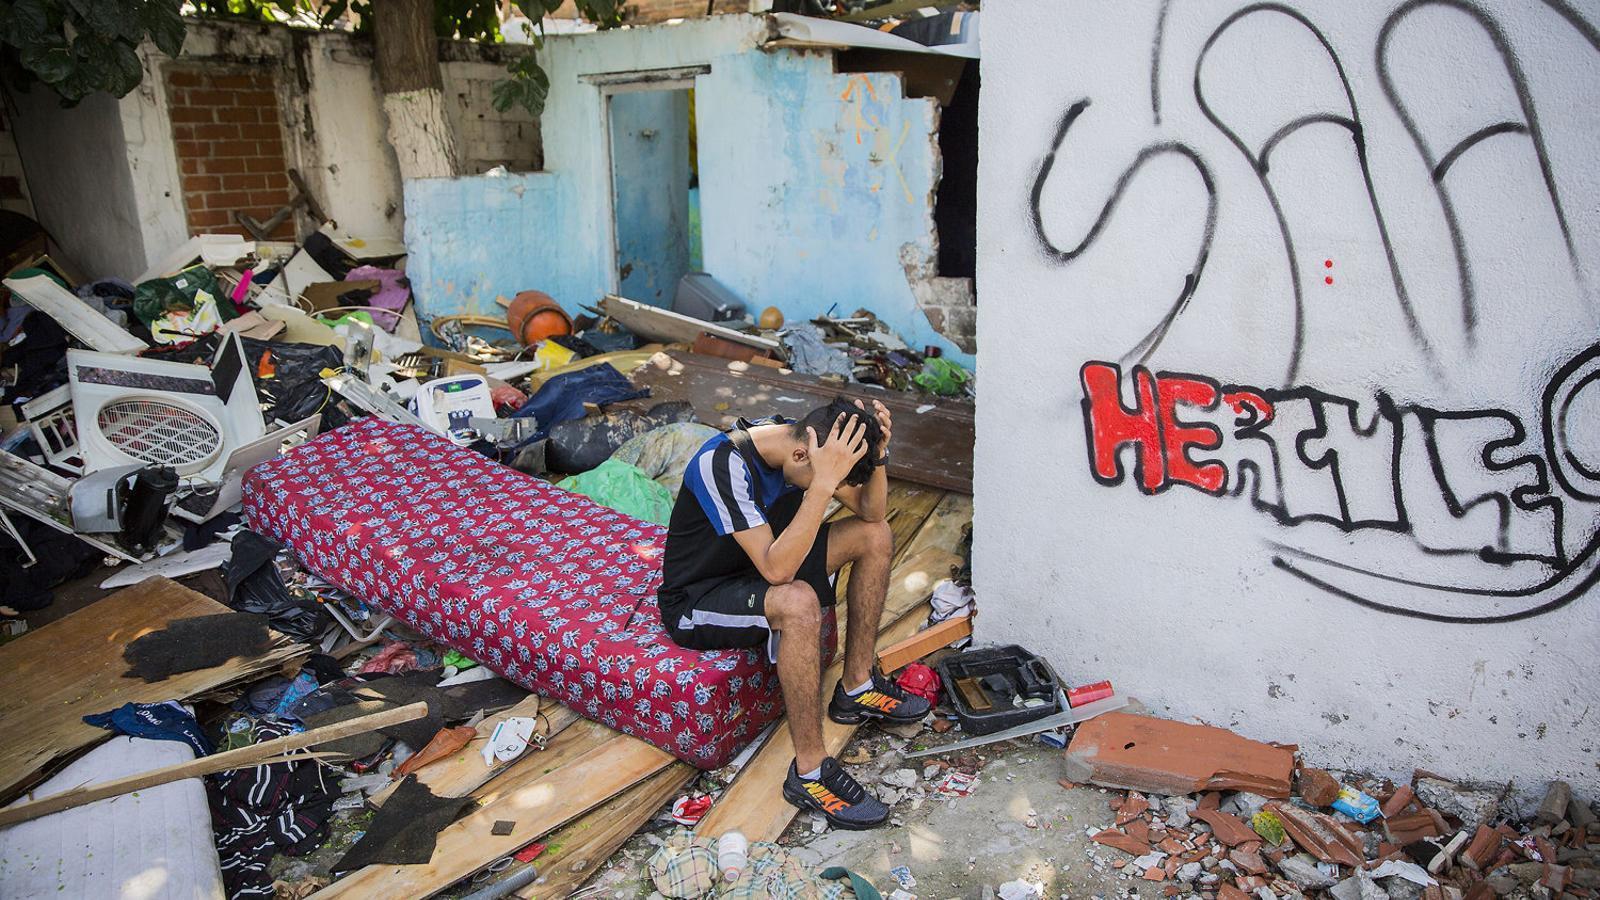 Un dels menors no acompanyats que vivien a les barraques del Camí de la Cadena, a Barcelona.